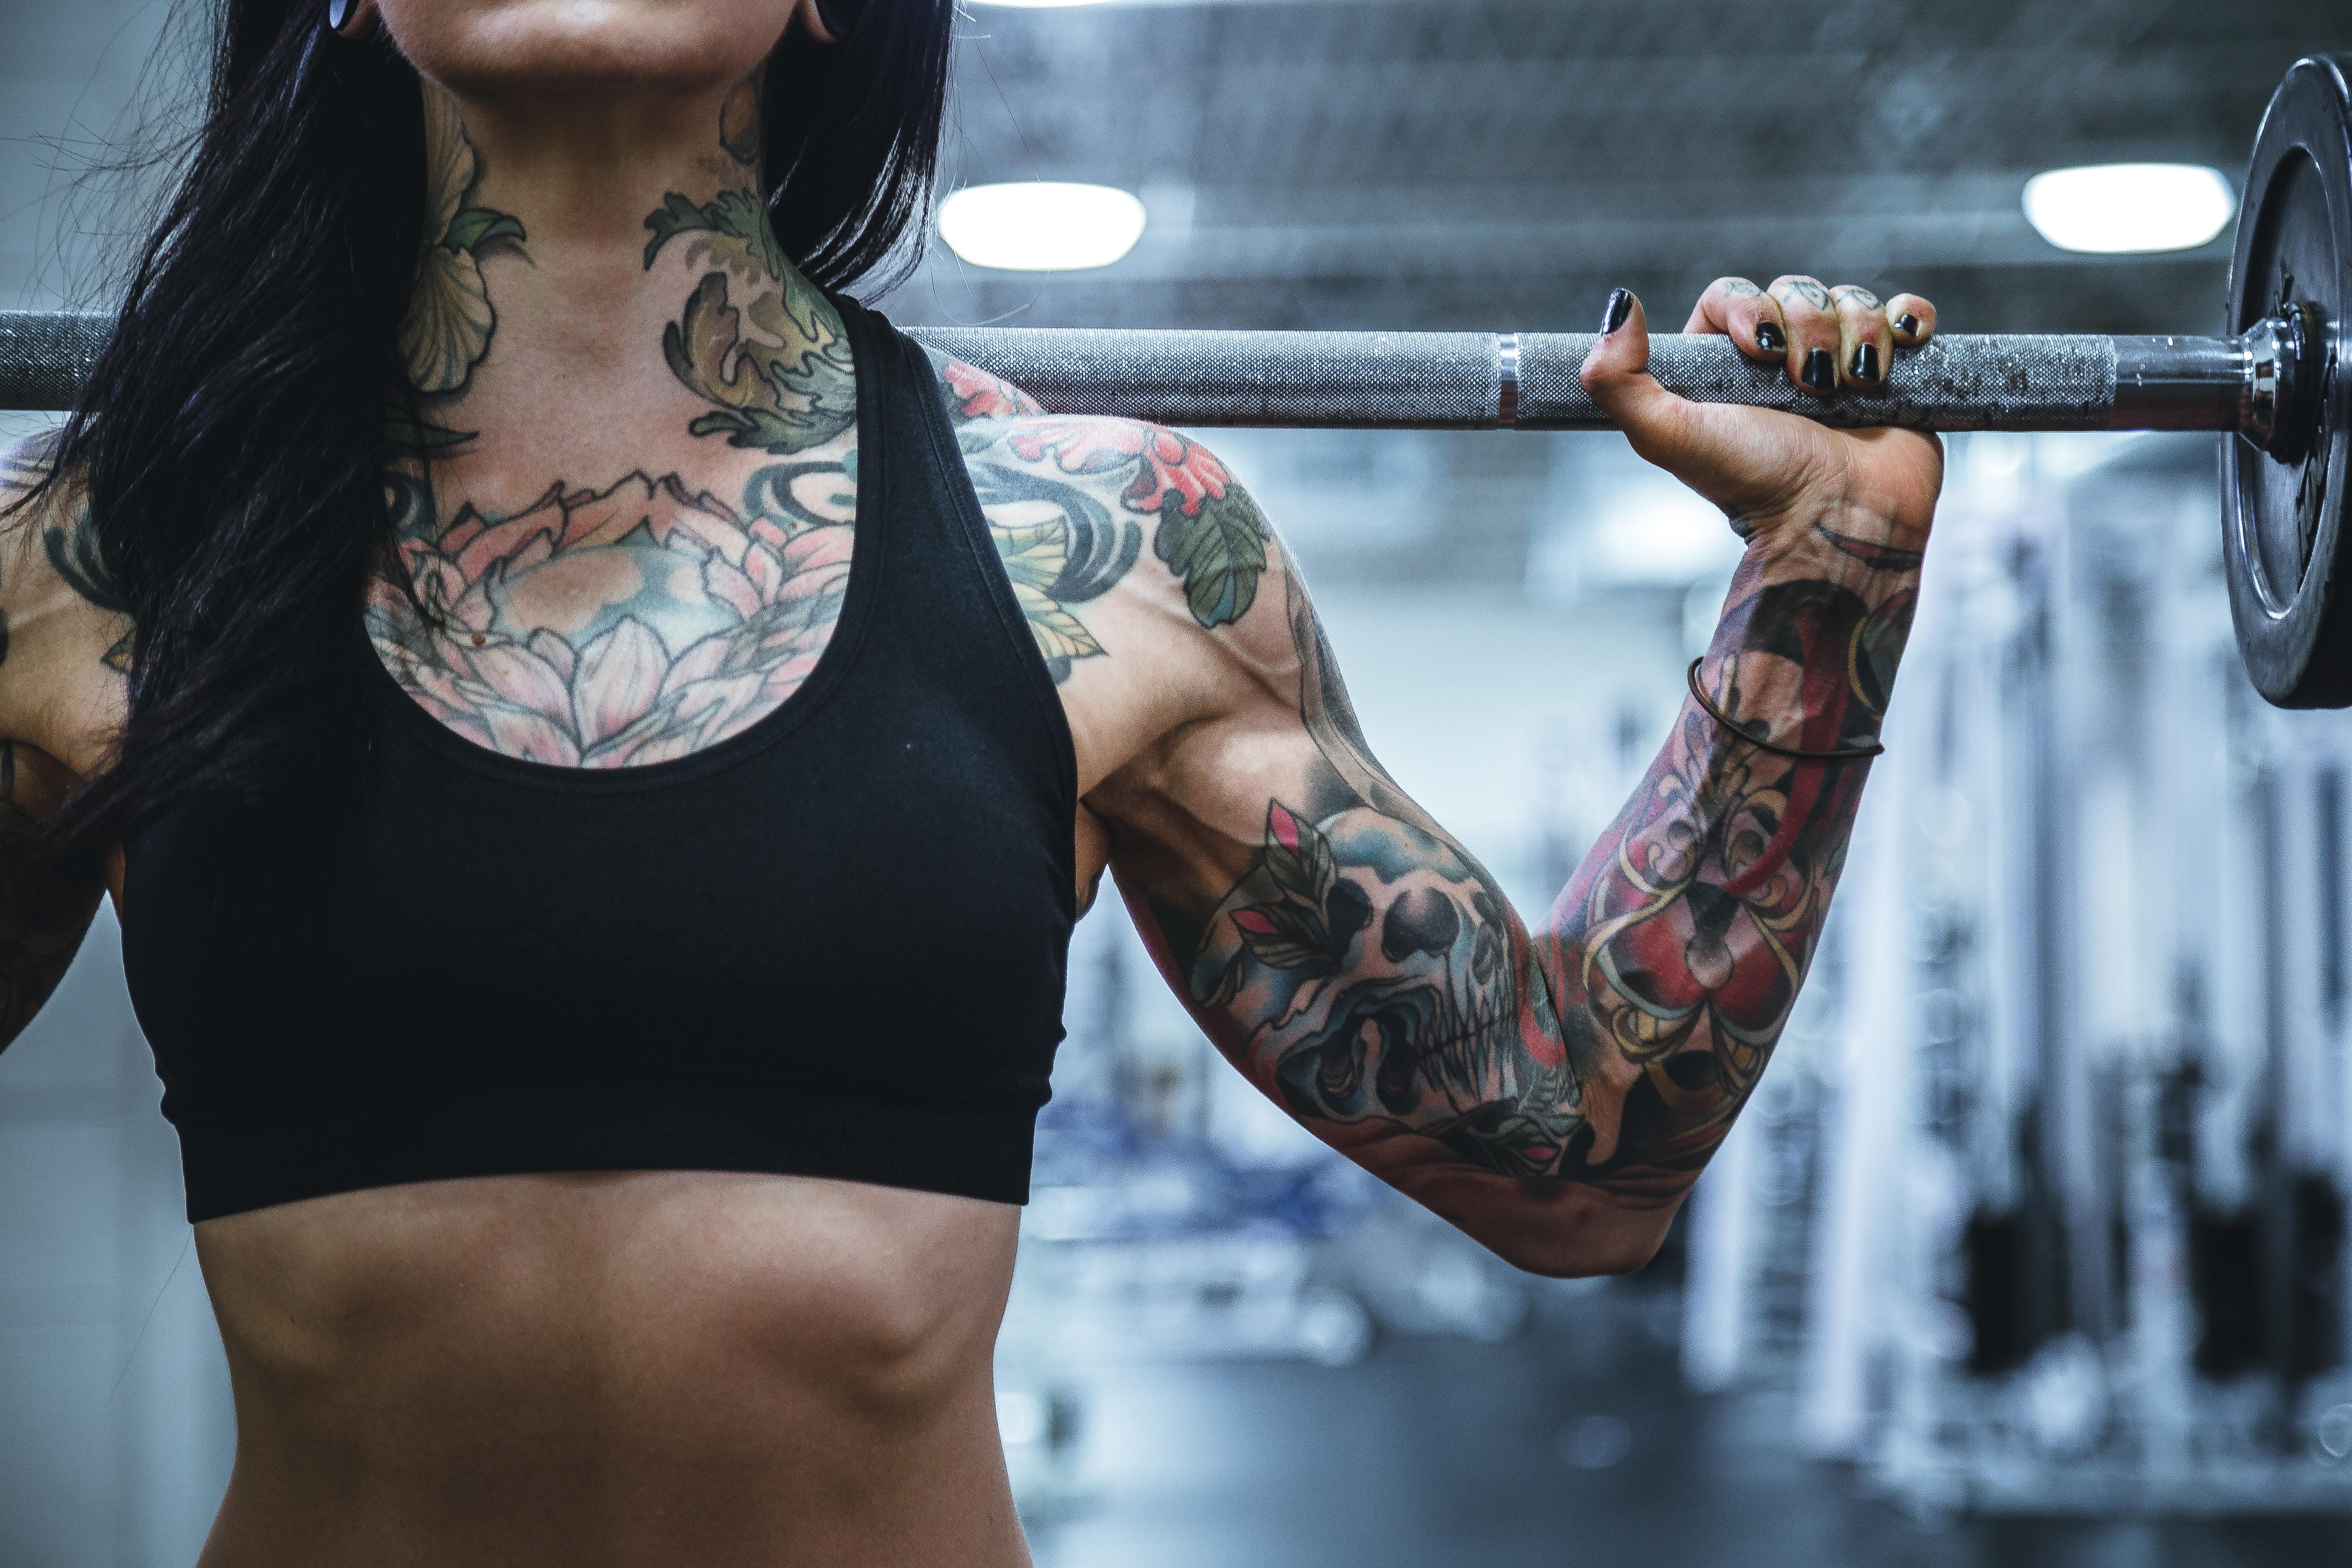 Edzés motivációval és anélkül - különbségek